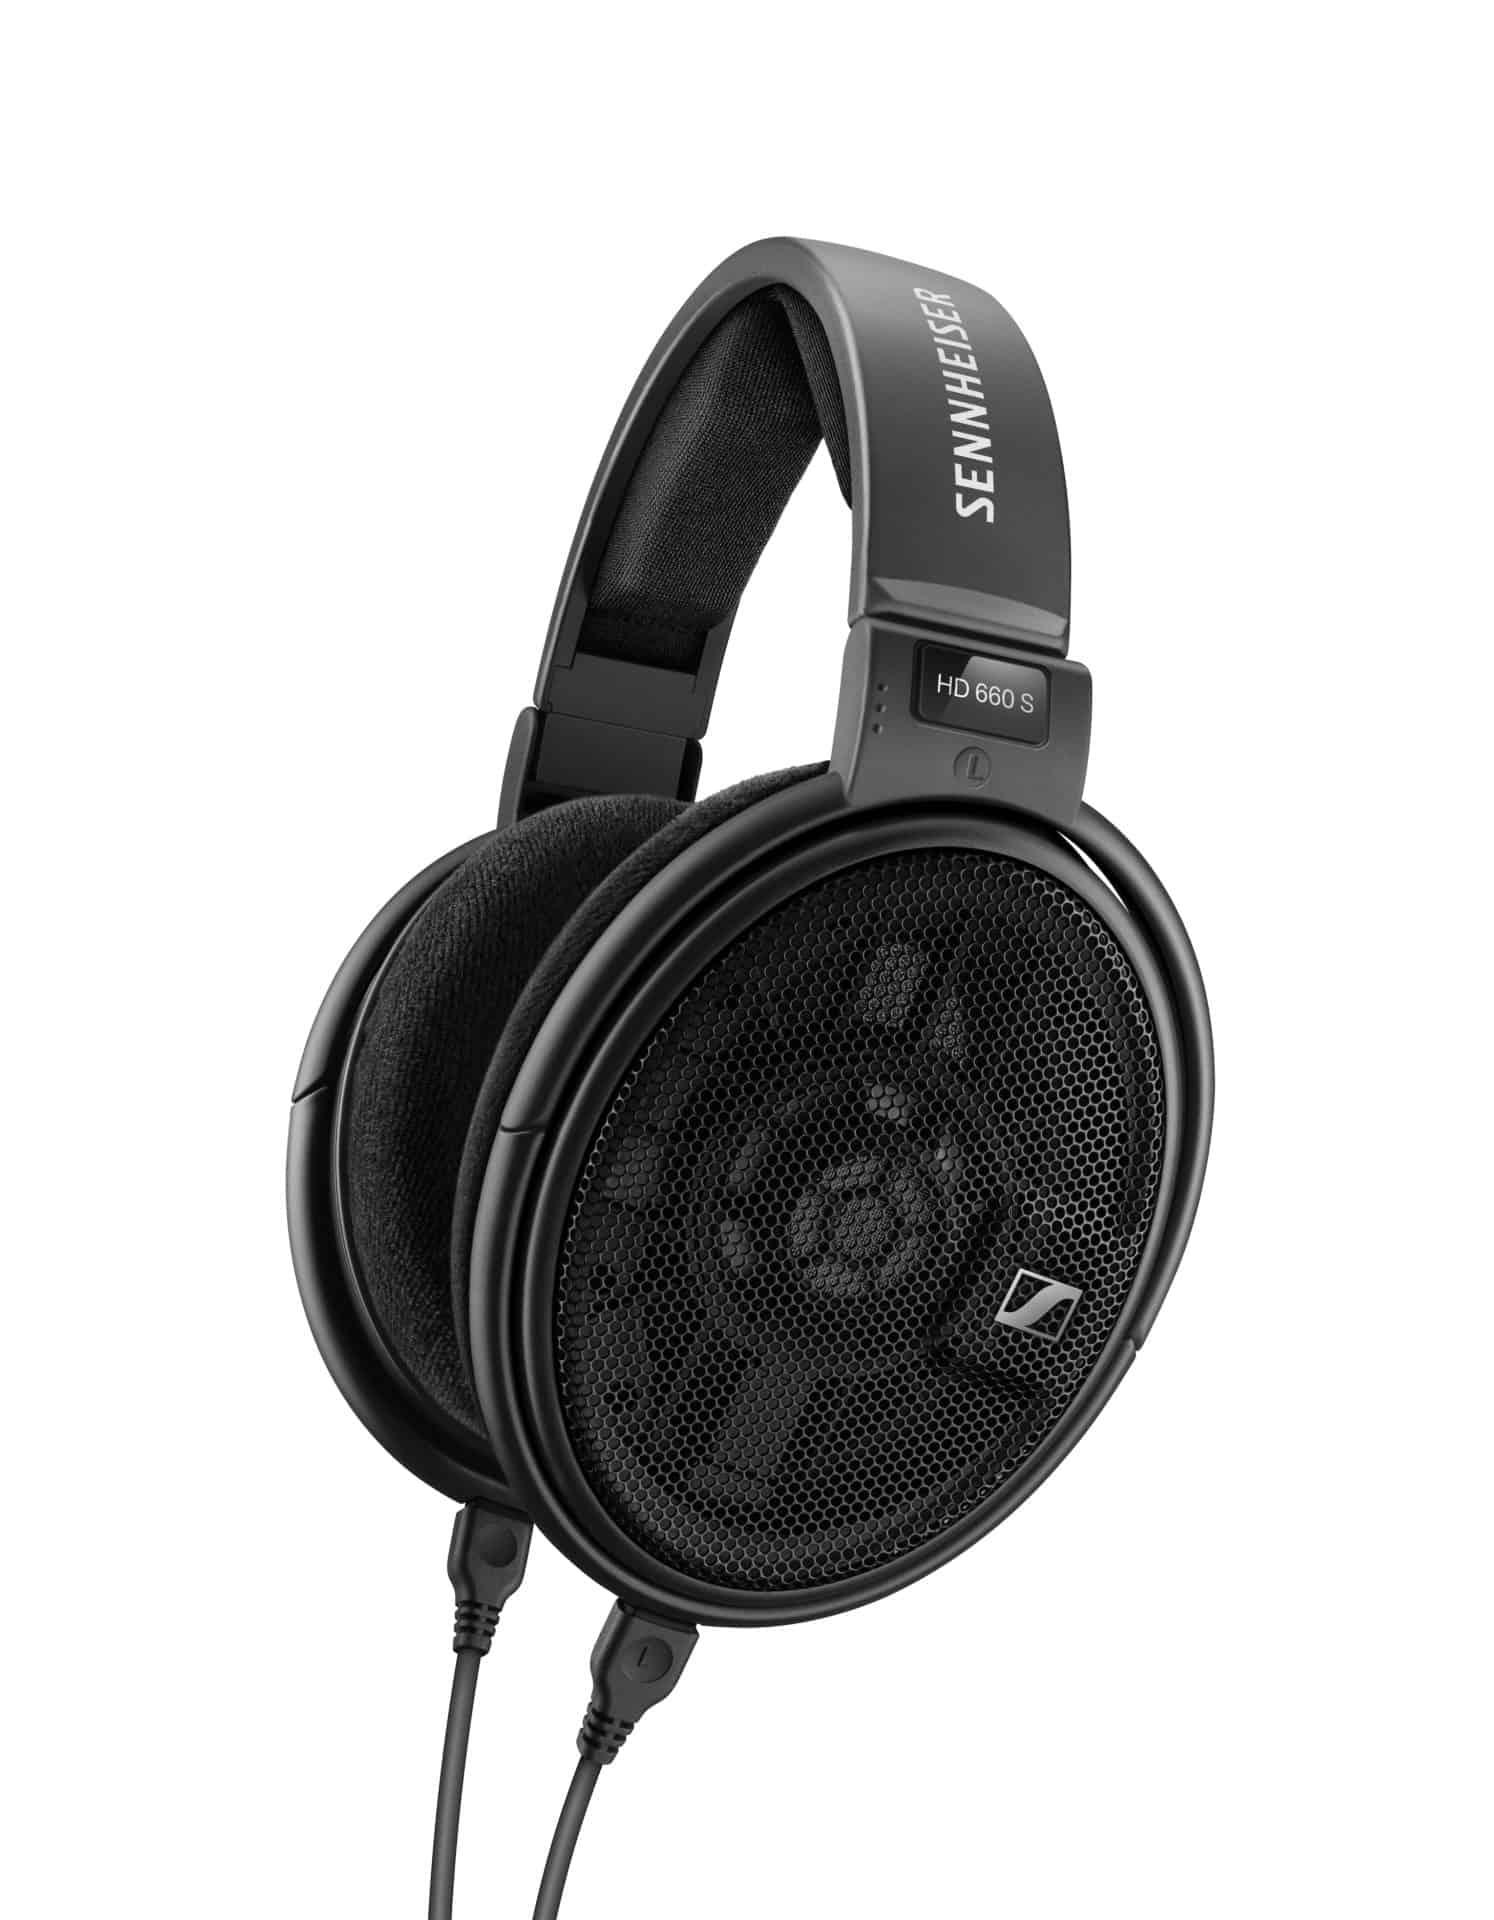 Očekávaná audiofilská sluchátka dorazila na český trh: Sennheiser HD 660 S